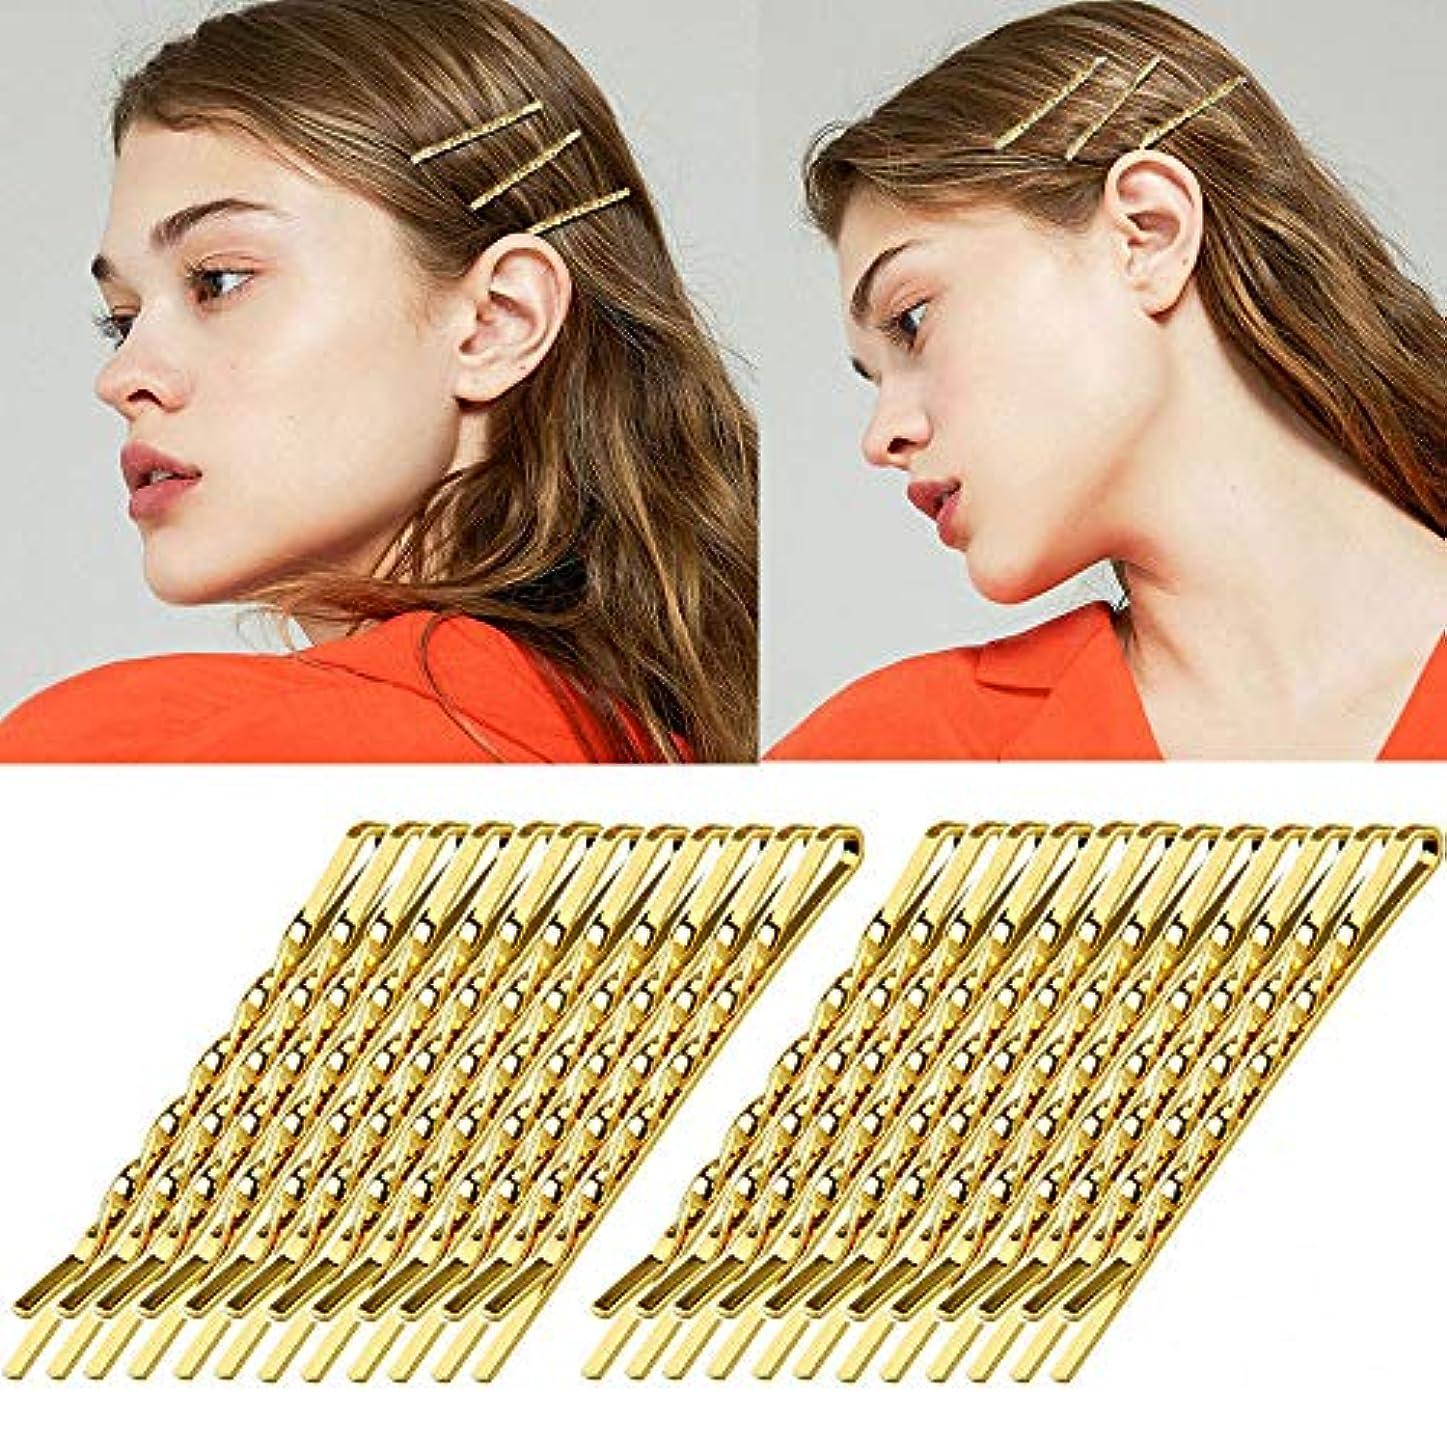 恐ろしいですスローと組むshefun ヘアピン ゴールド 前髪 ピン アメリカピン 前髪クリップ アレンジピン アメピン 可愛い レディース 女の子 ゴールドピン24枚セット JP151 (A5.5cm)